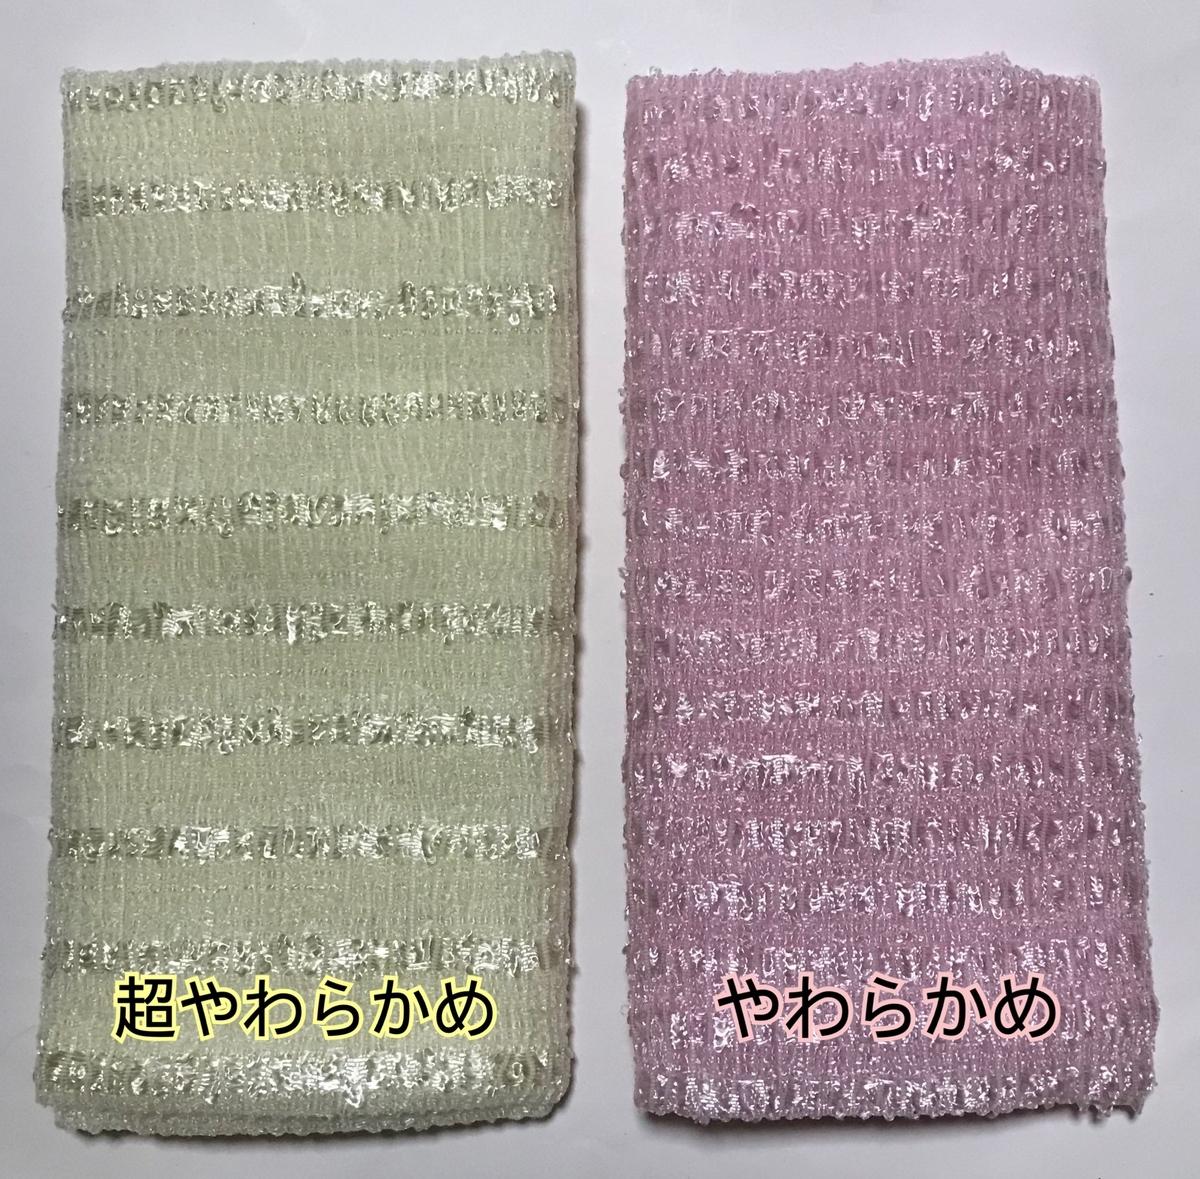 2つの並べた硬さの違うボディタオル